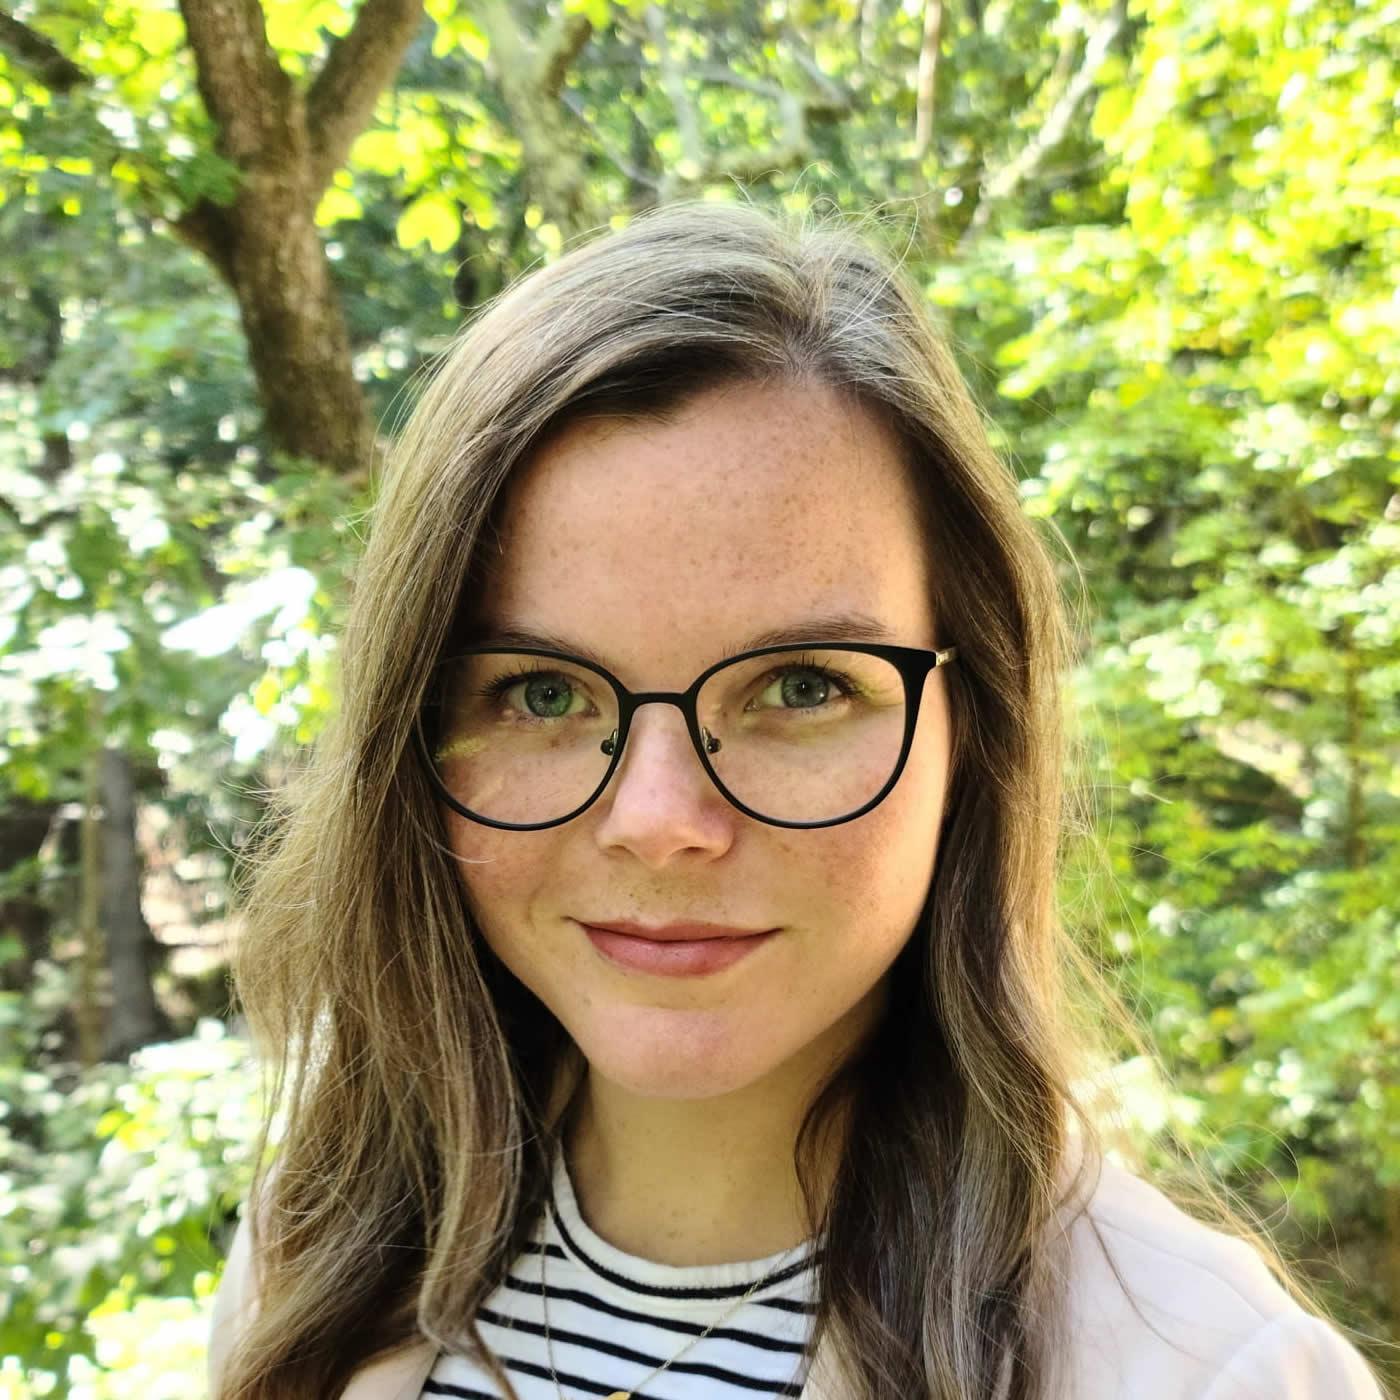 Katie Chrisler